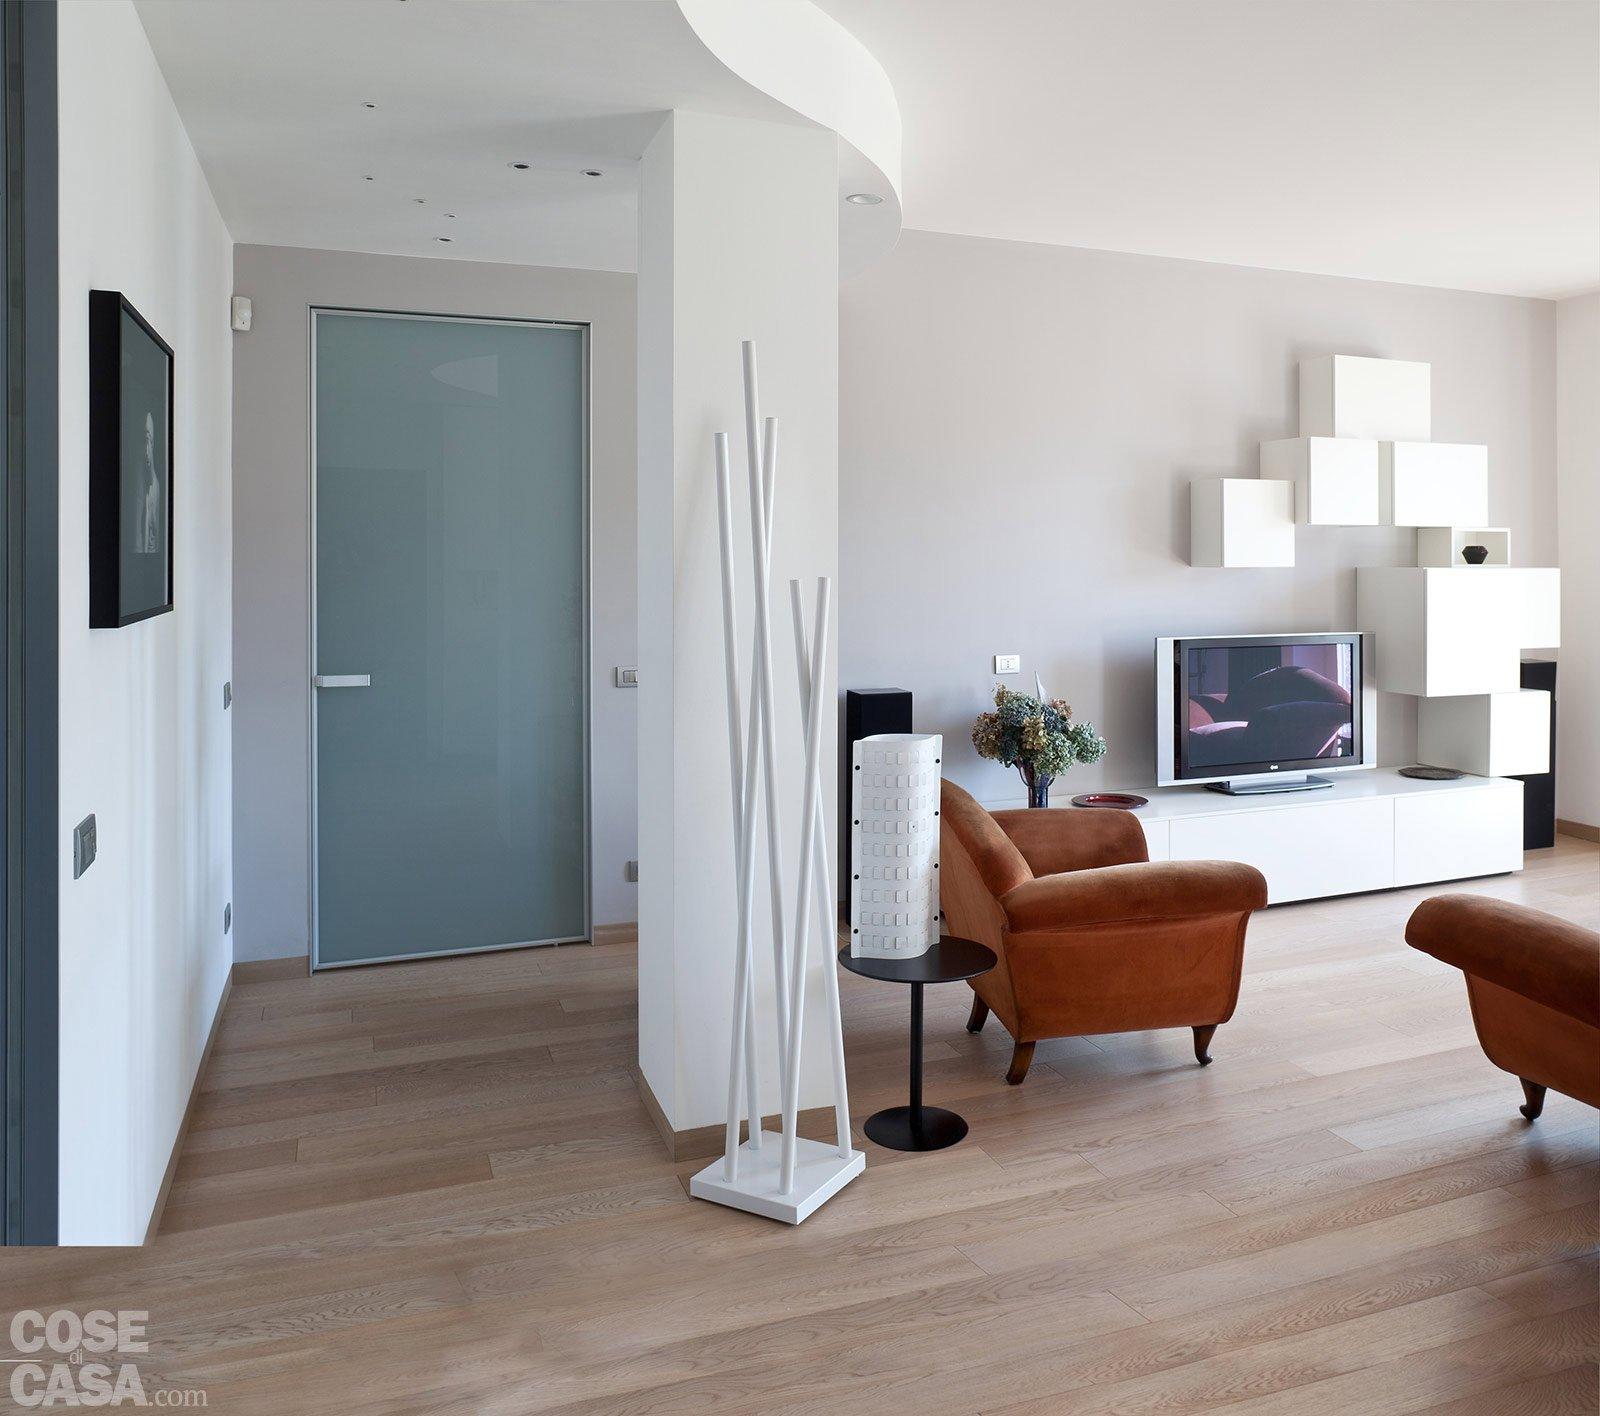 Casabook immobiliare ambienti contemporanei per una casa for Idee per ingresso casa